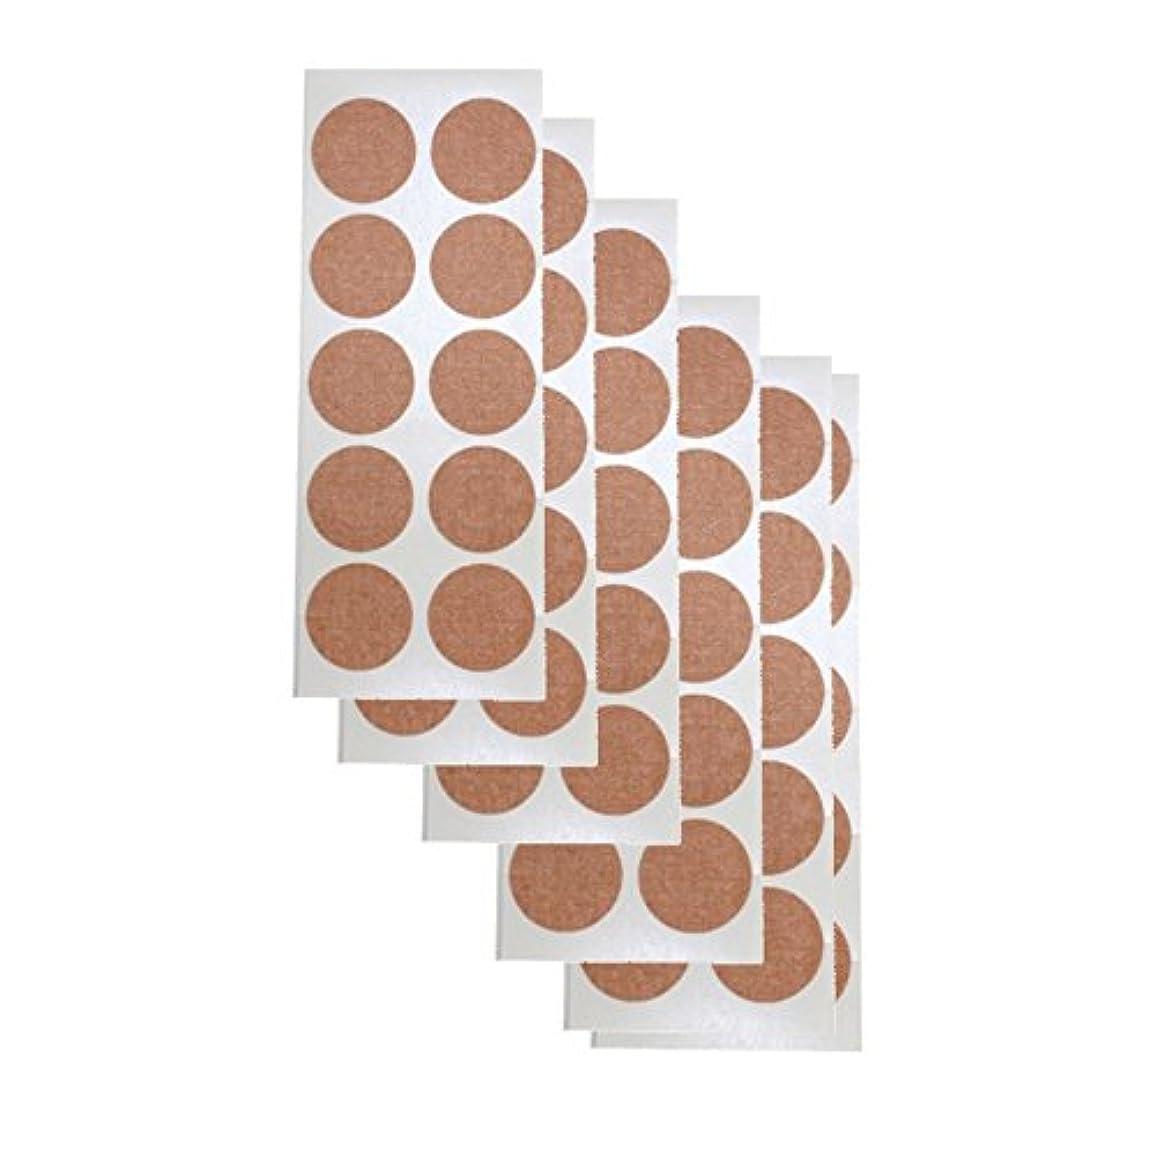 不愉快にアジアメロディーTQチップ 貼り替え用専用シール 効果は半永久的!貼っただけで心身のバランスがとれるTQチップ専用